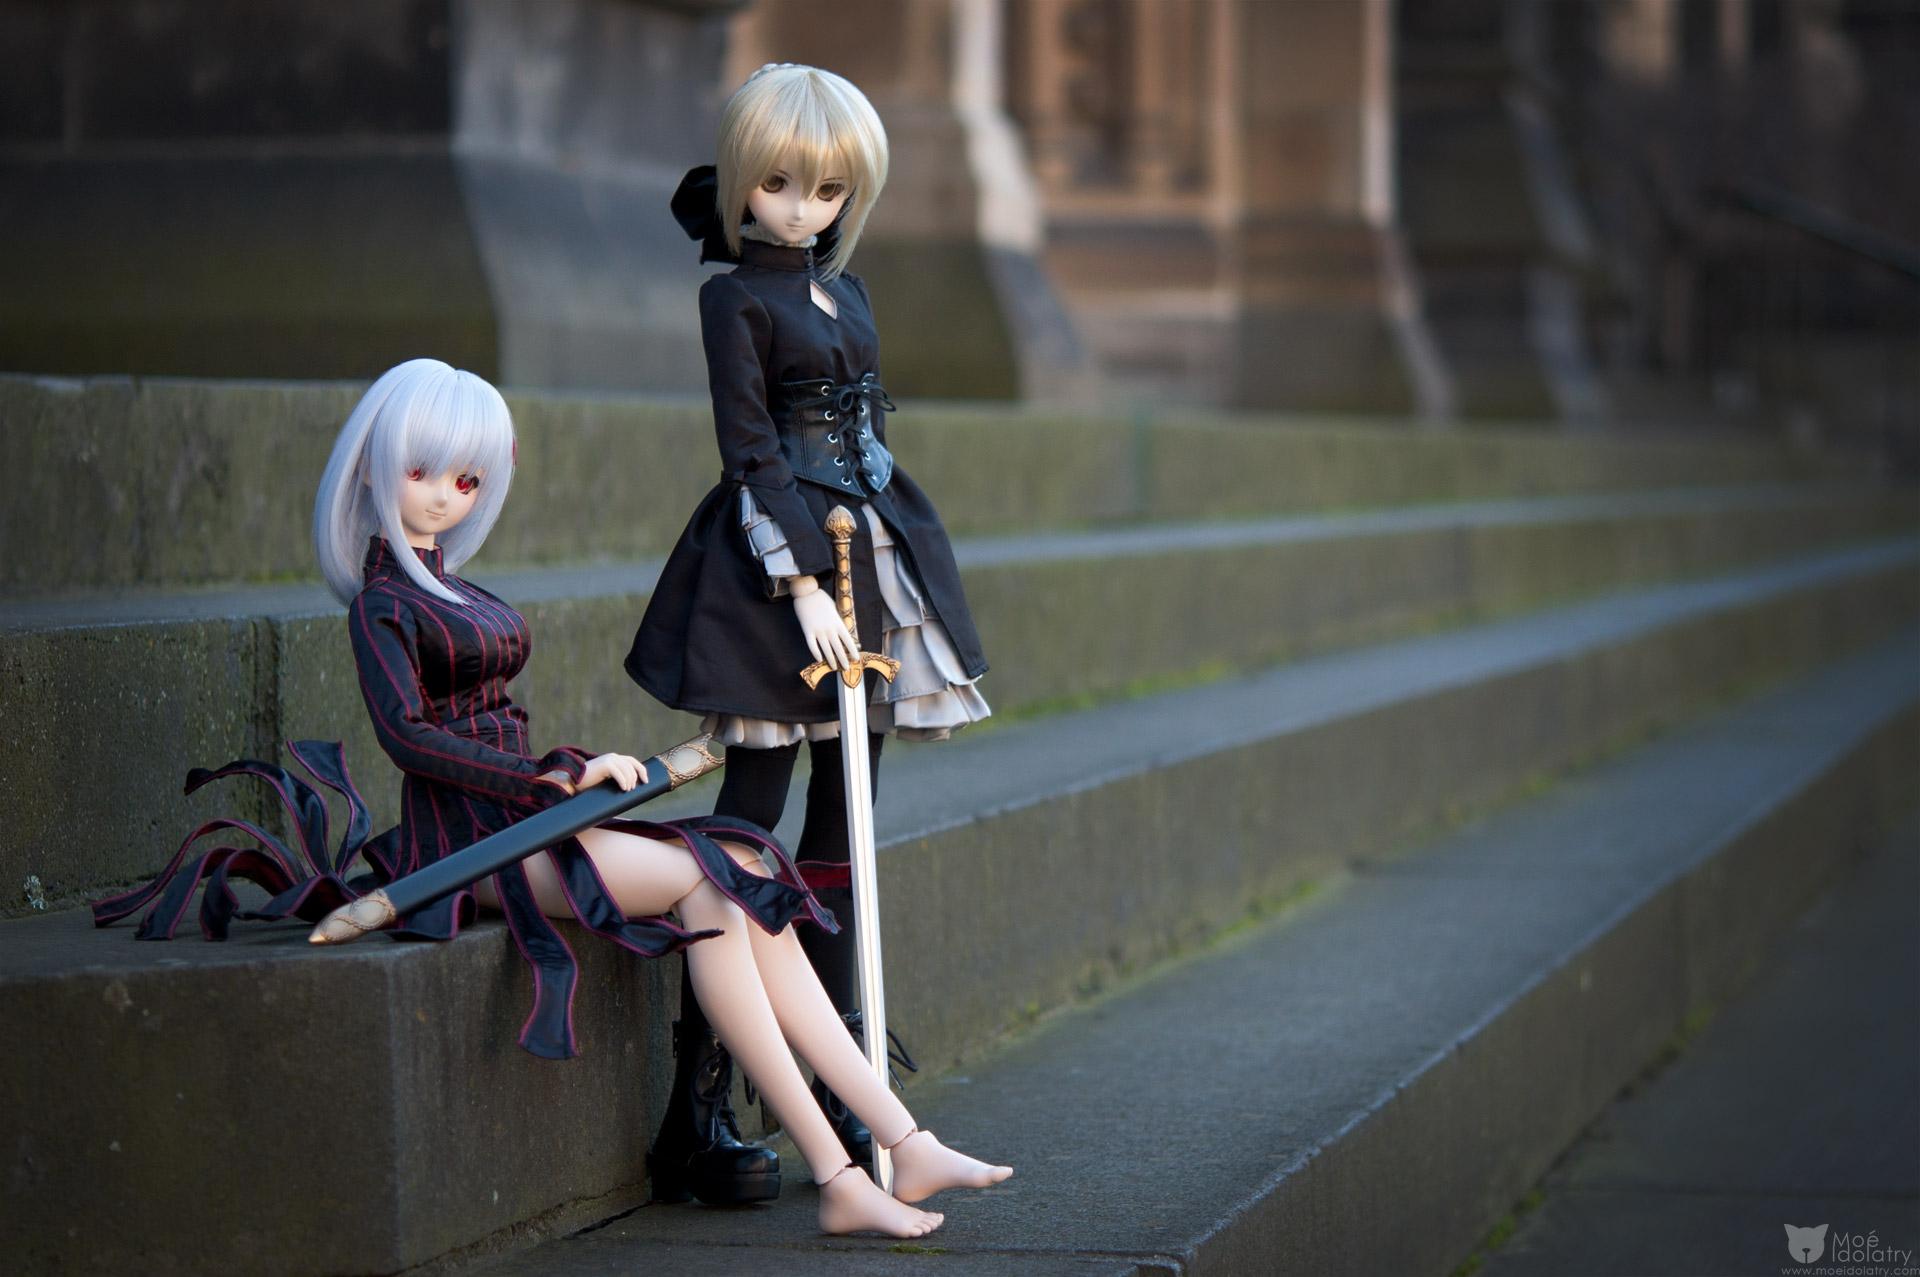 volks dollfie_dream type_moon saber_alter matou_sakura fate/hollow_ataraxia zoukei-mura doll_clothes misaki_serika